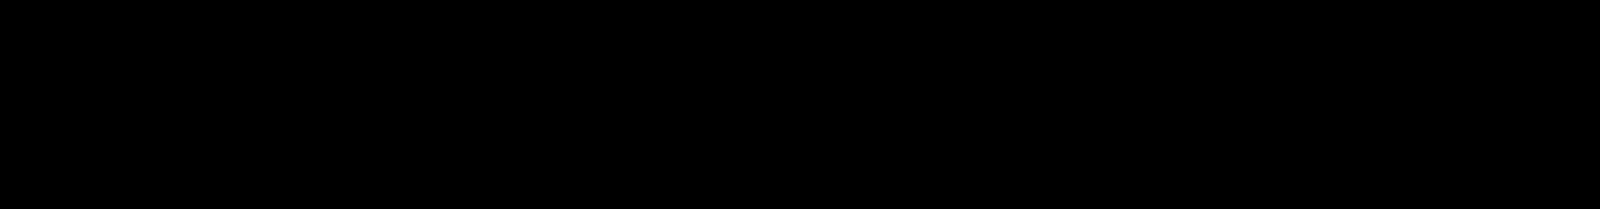 repartiendo paraddidle simple entre caja y toms